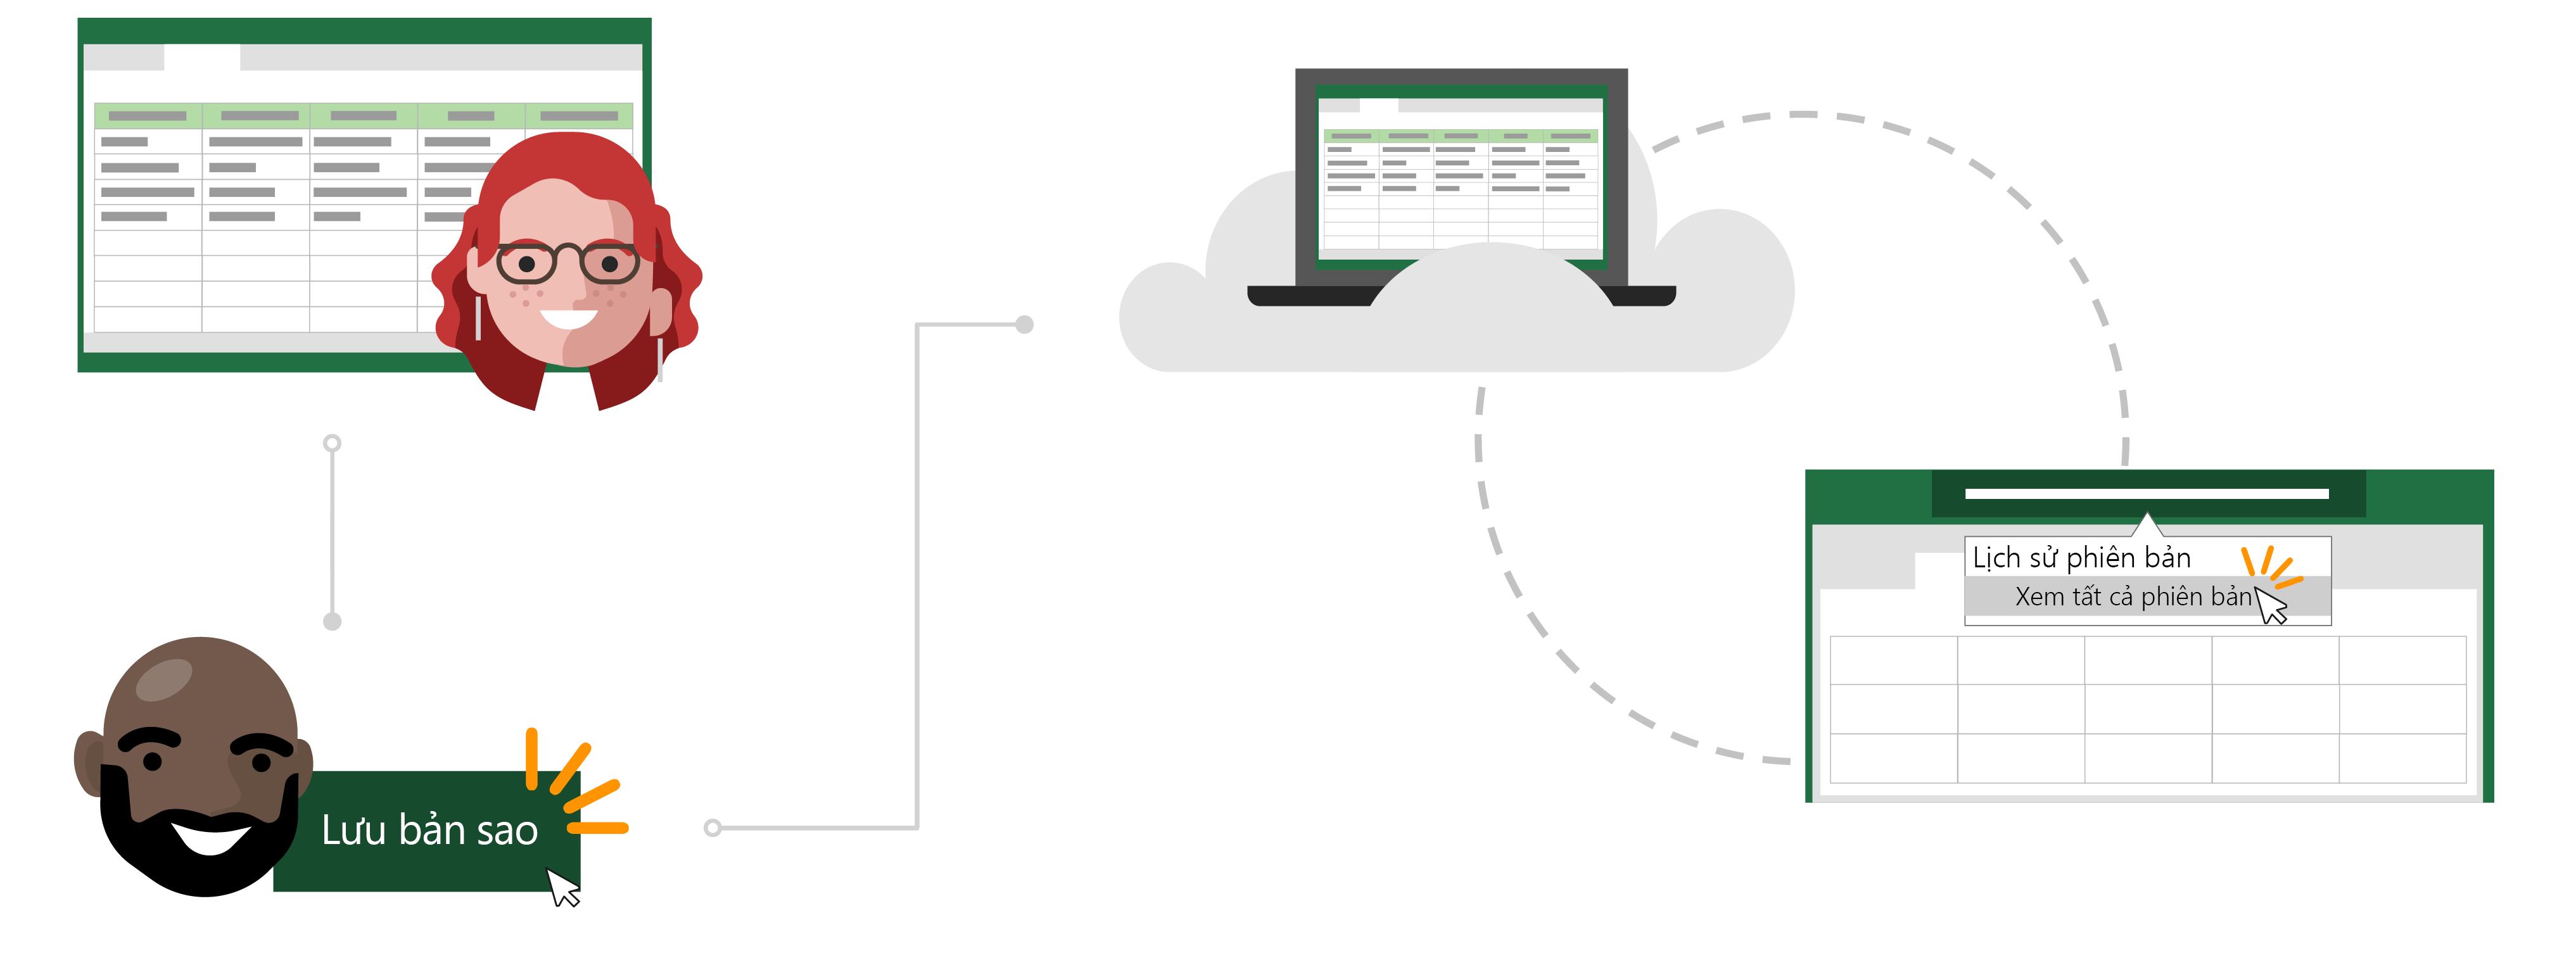 Sử dụng một tệp hiện có trong điện toán đám mây dưới dạng mẫu cho một tệp mới bằng cách dùng lưu bản sao.